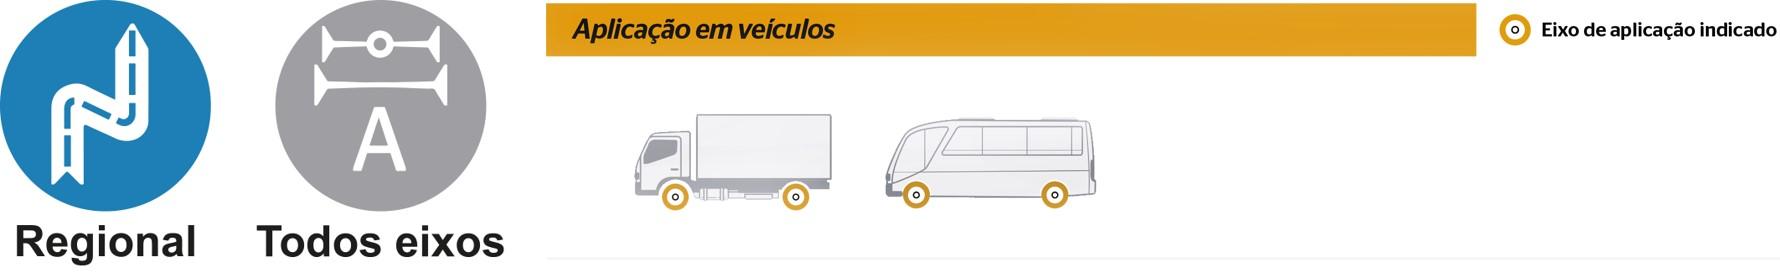 Conti Hybrid LA3: Todos eixos - Mercadoria (Ícones com categorias de uso)